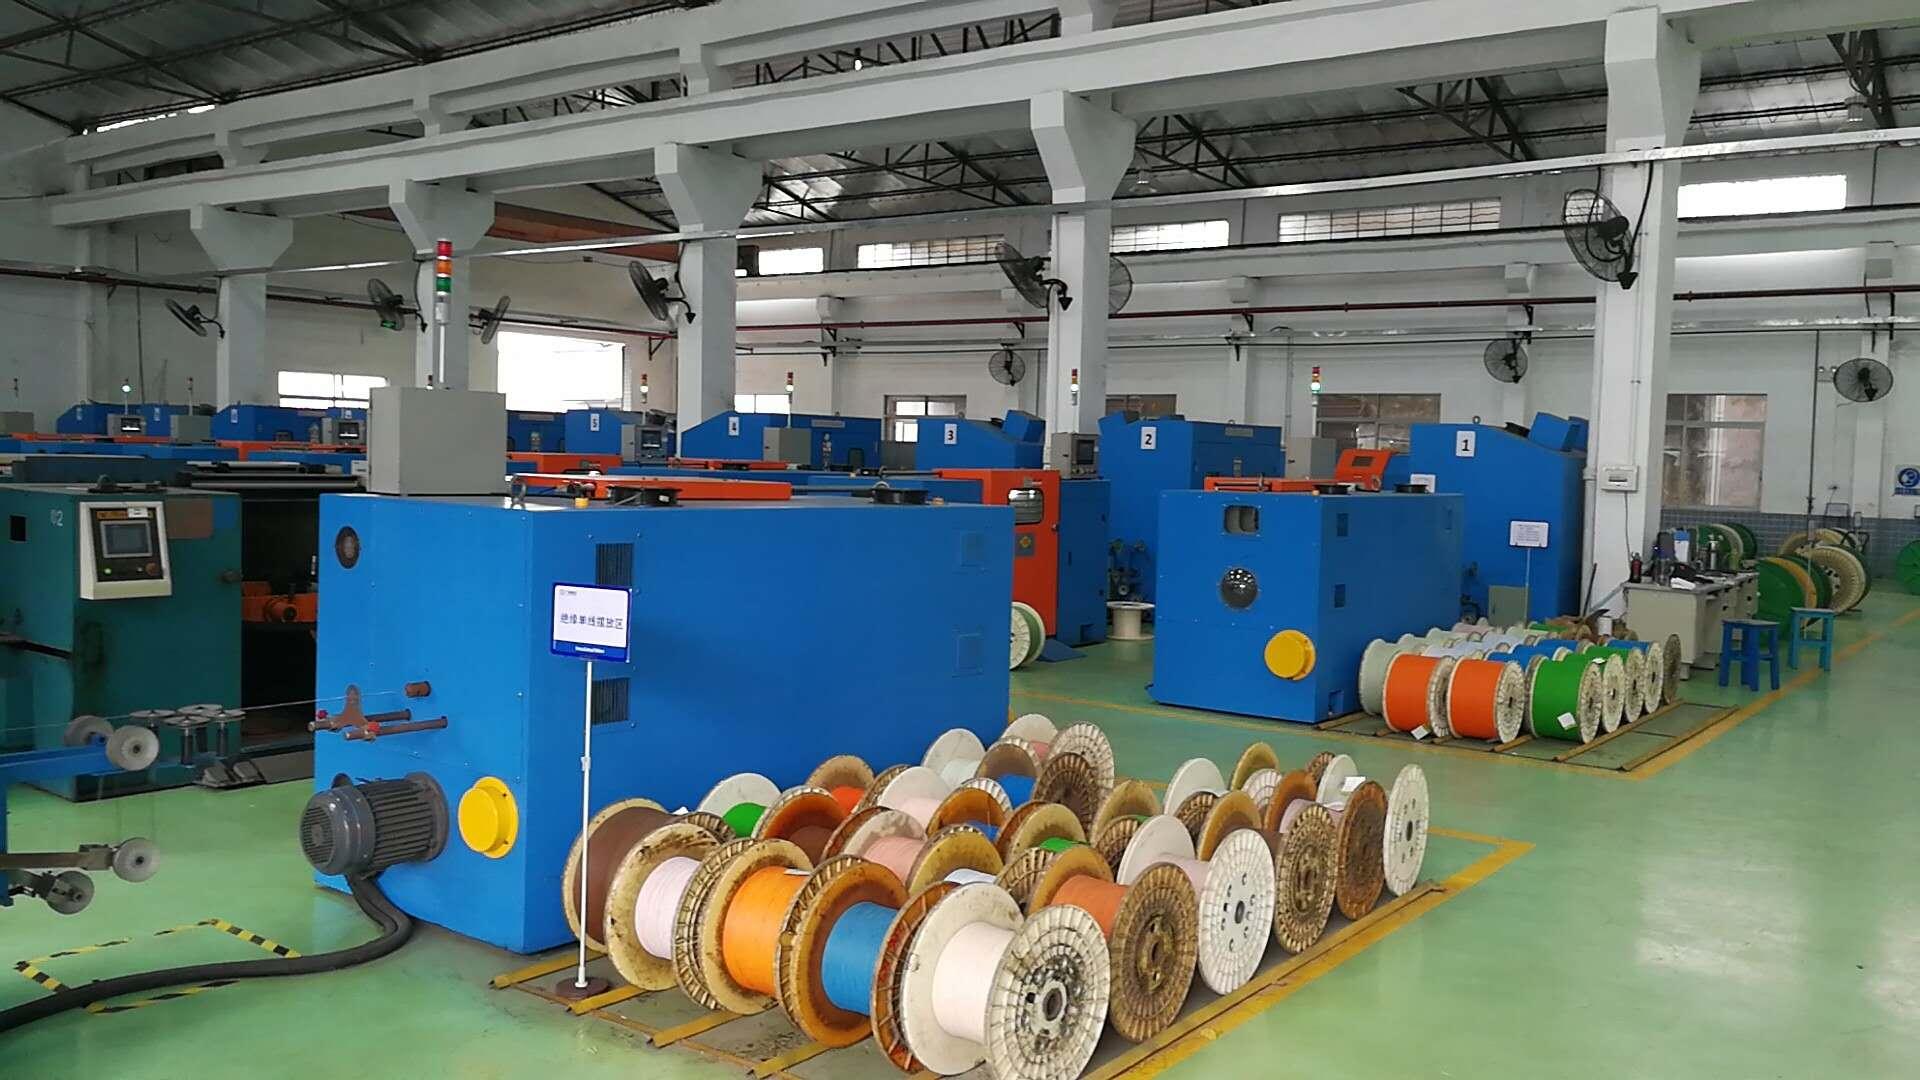 【地埋光缆】陕西省西安市电力工程公司GYTA53光缆采购案例